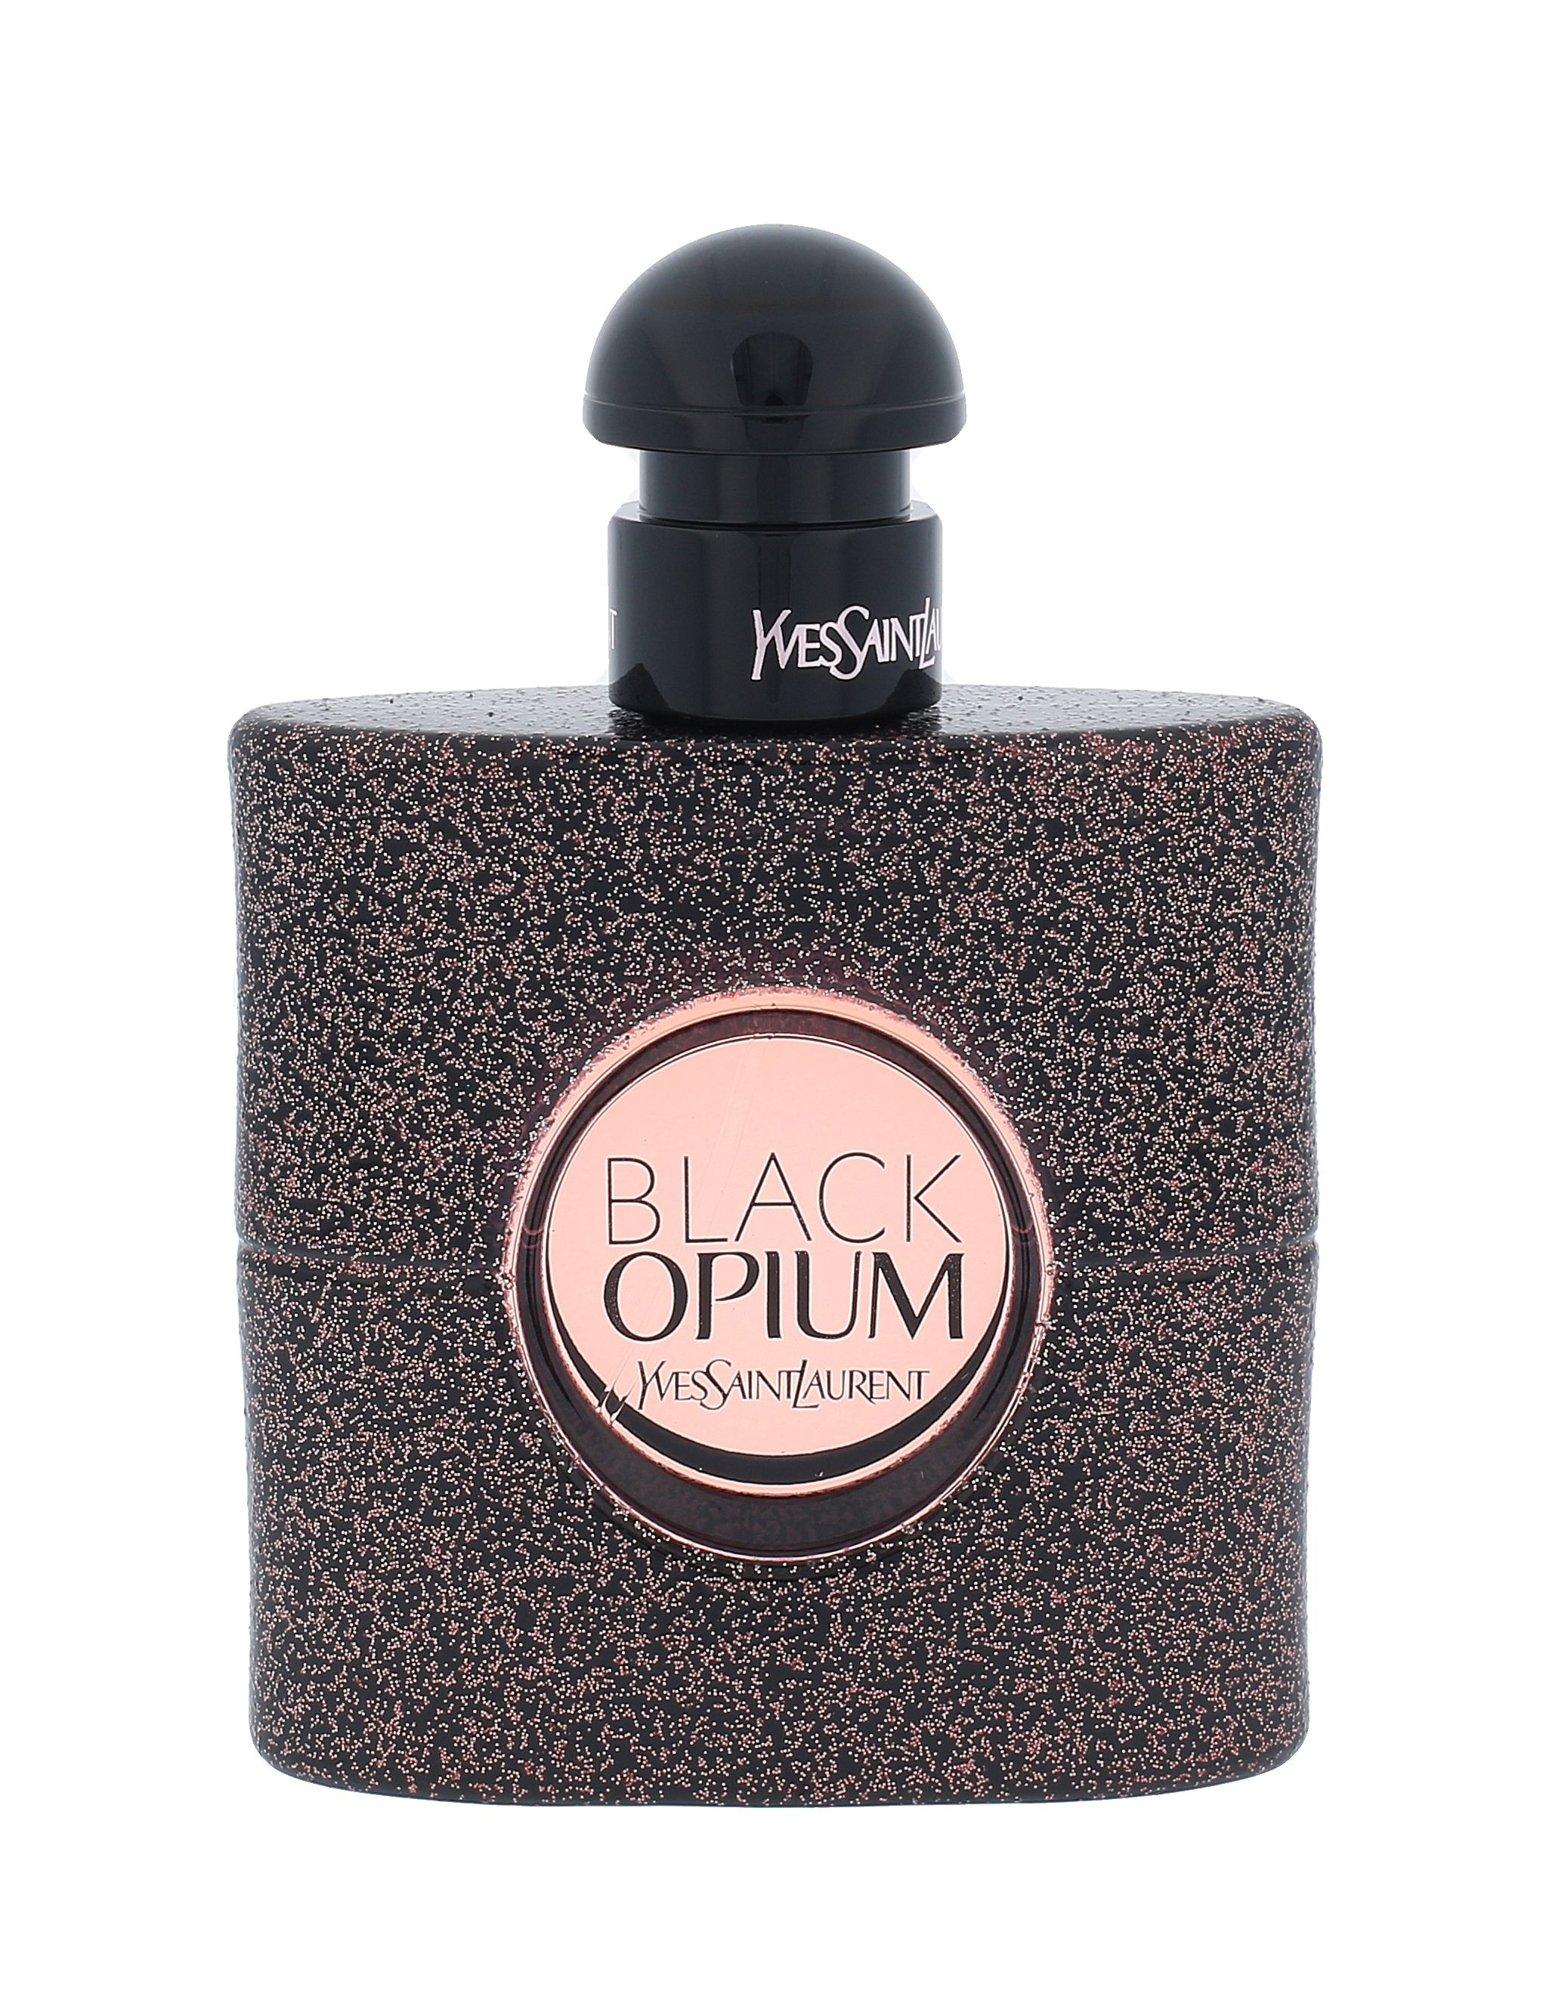 Yves Saint Laurent Black Opium EDT 50ml